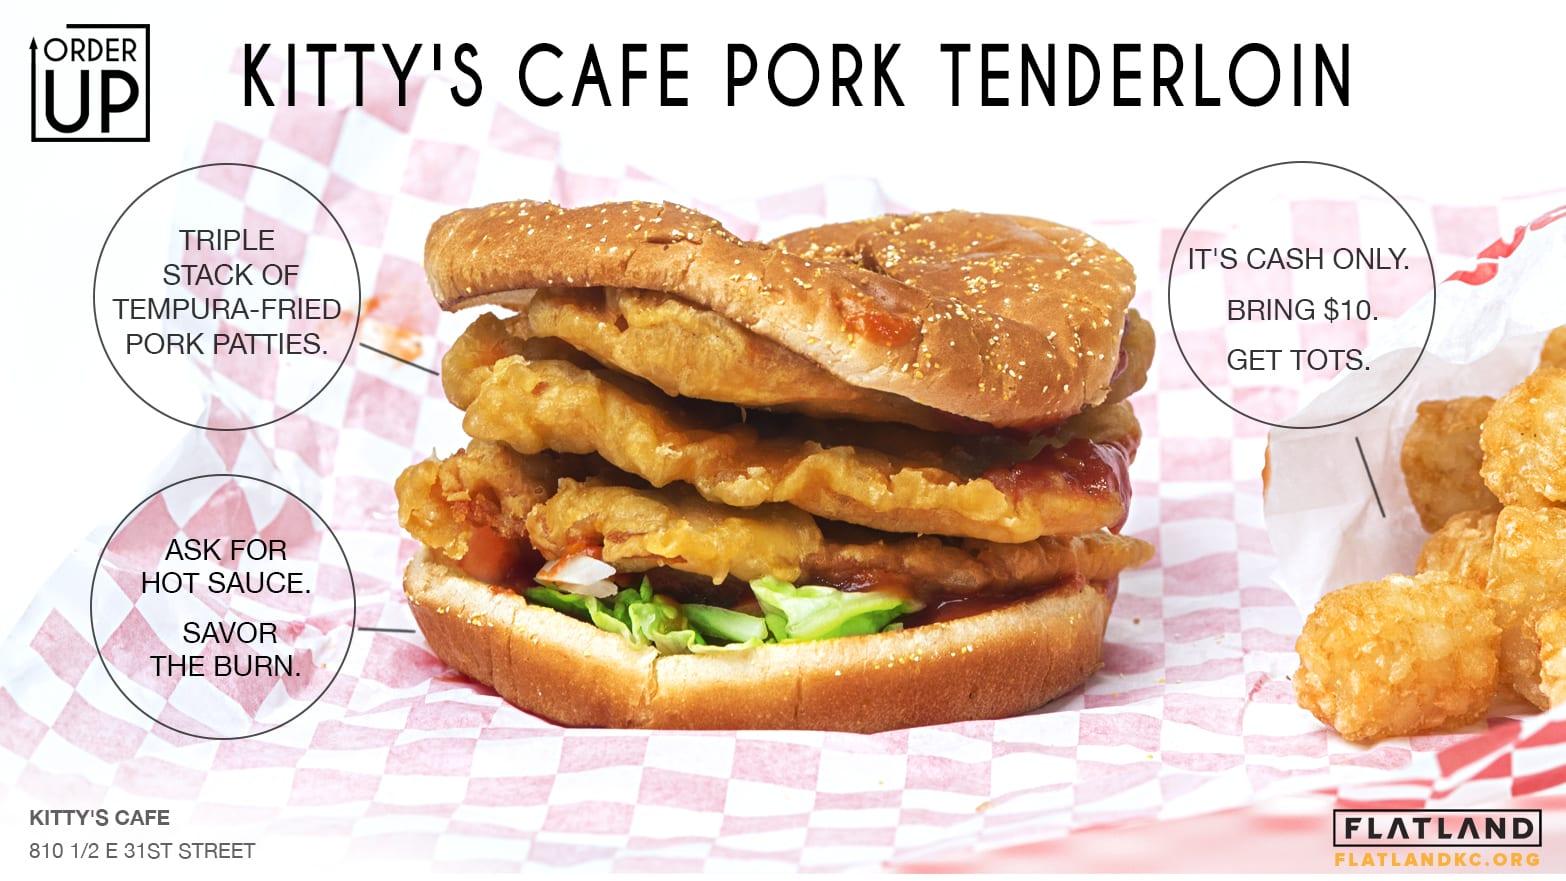 Kitty's Cafe Pork Tenderloin